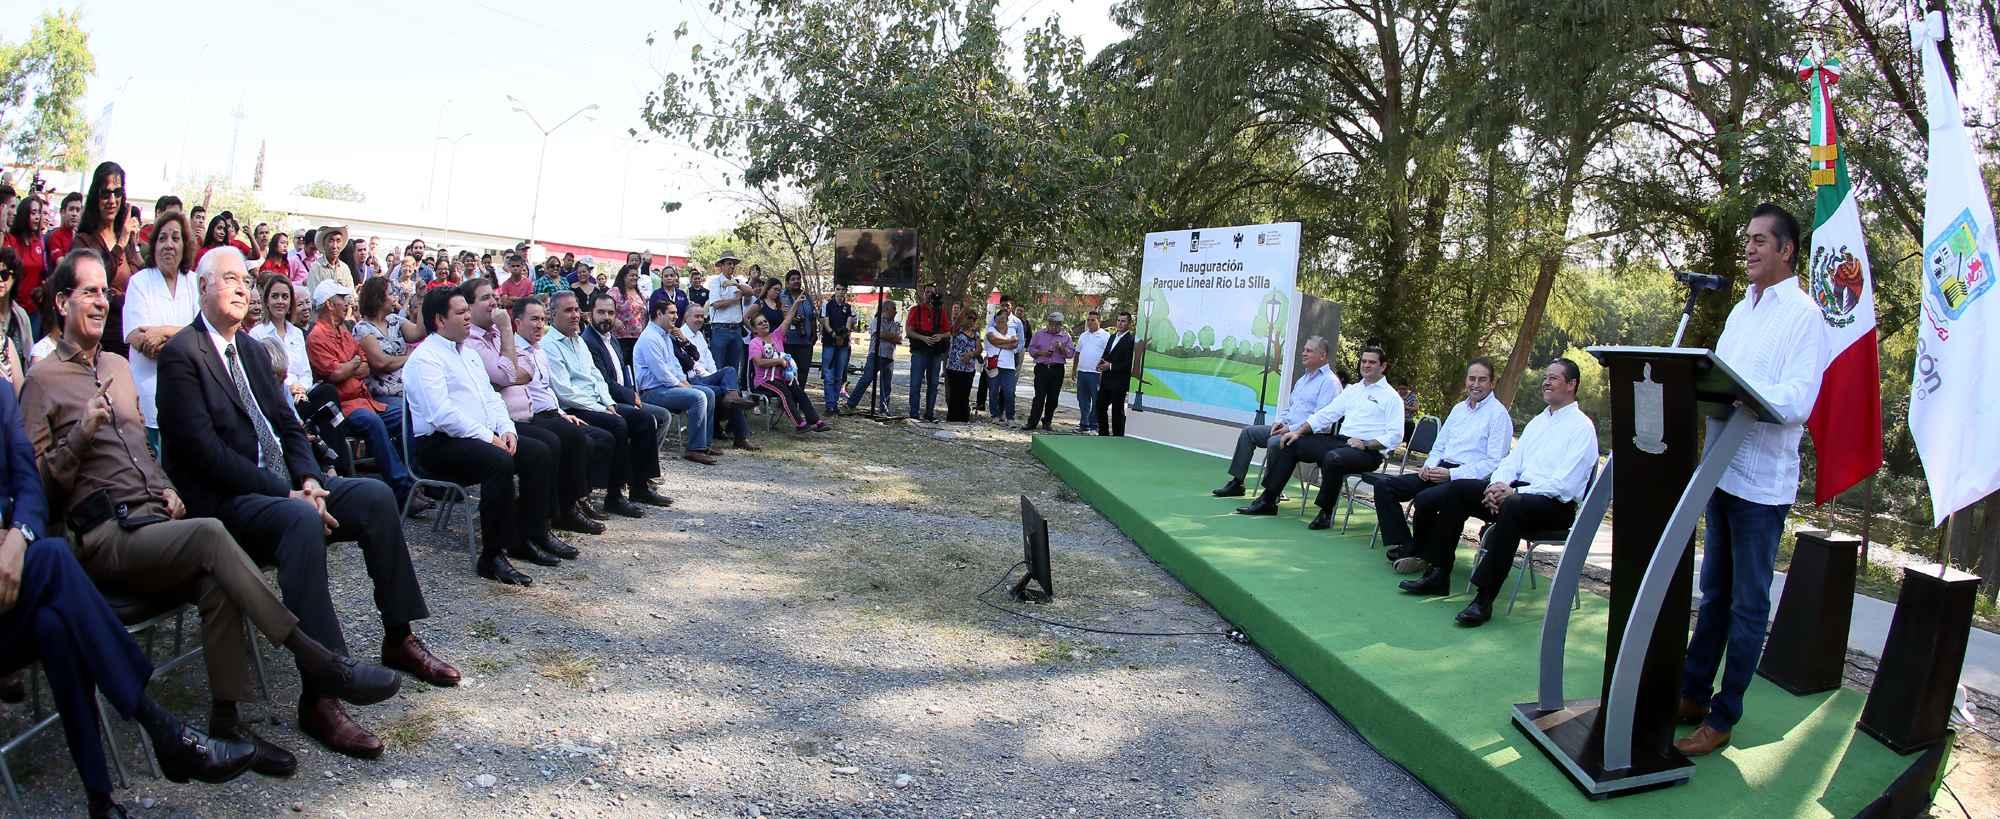 Inauguran Parque Lineal en Monterrey